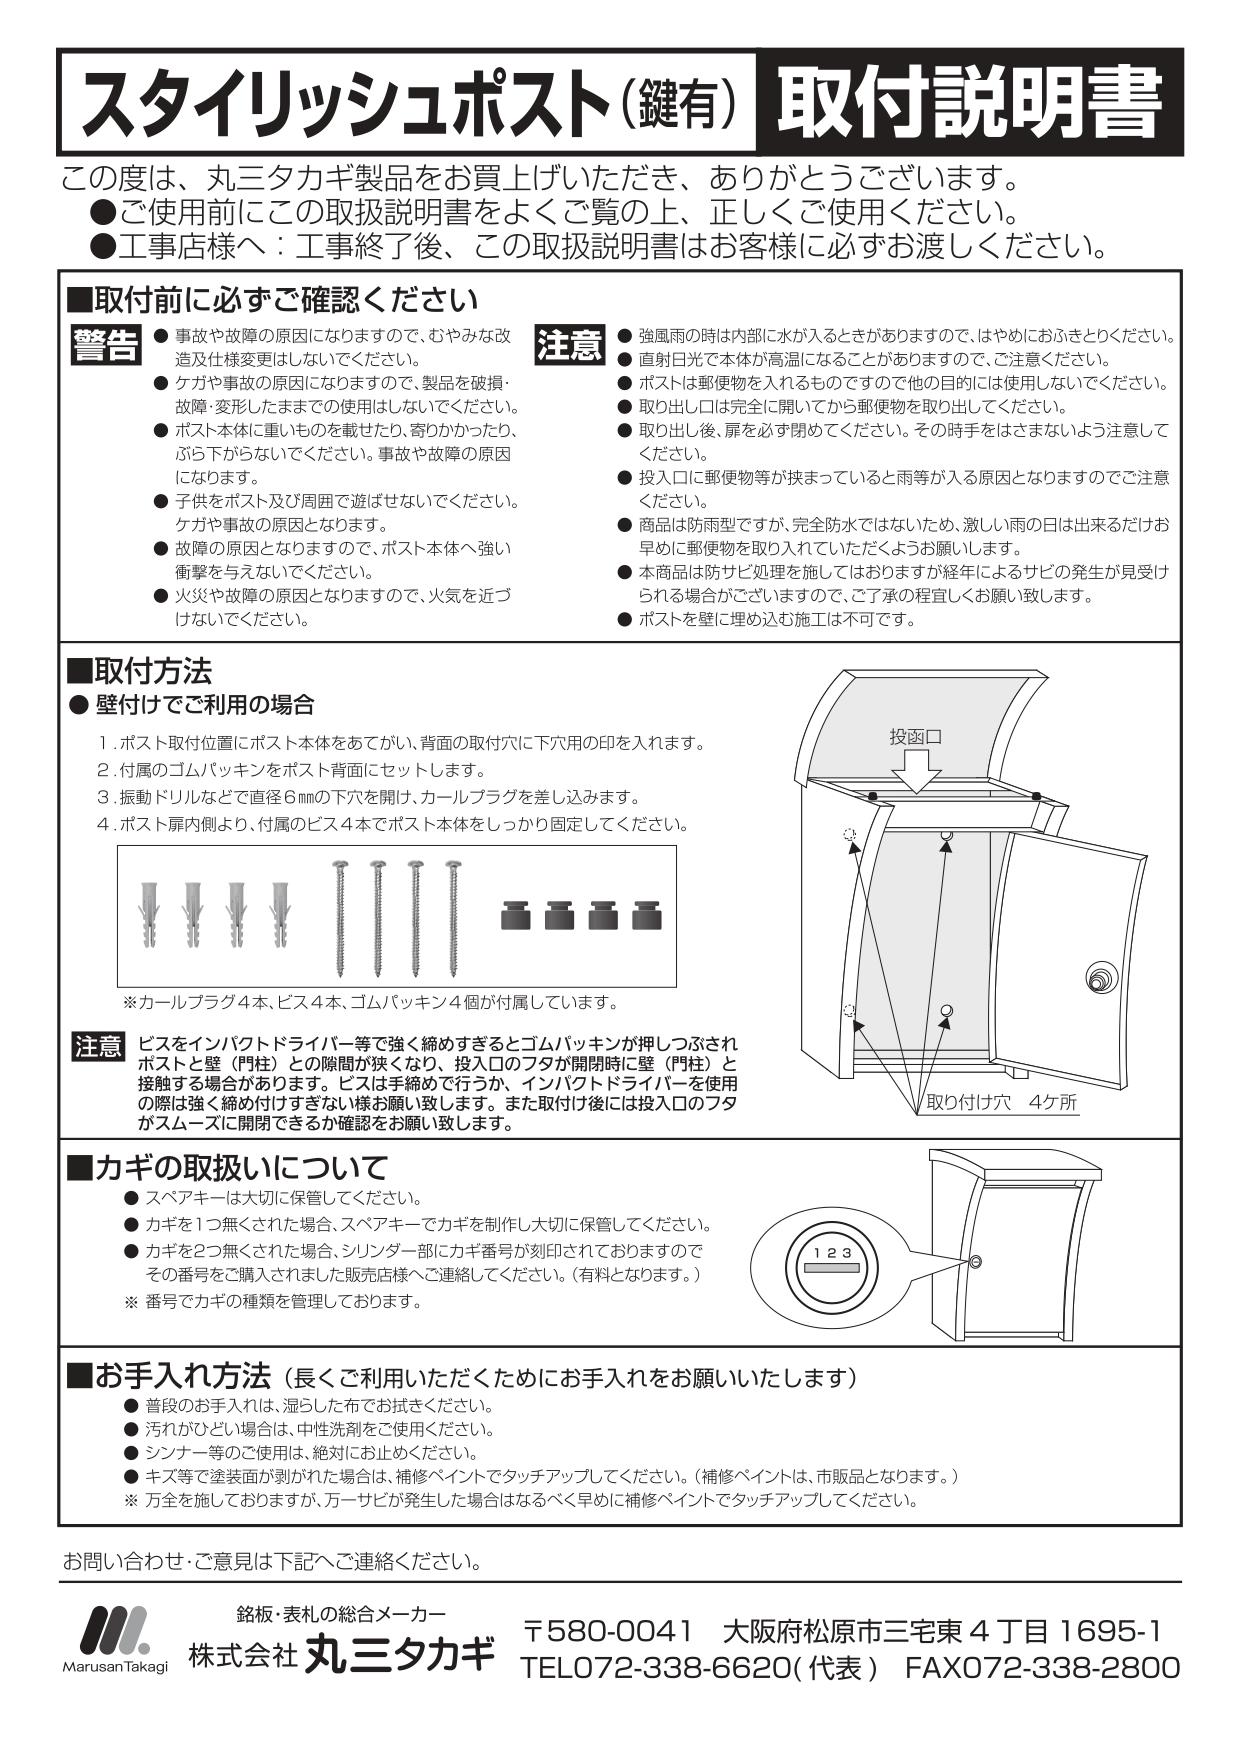 スタイリッシュポスト 取扱説明書_page-0001